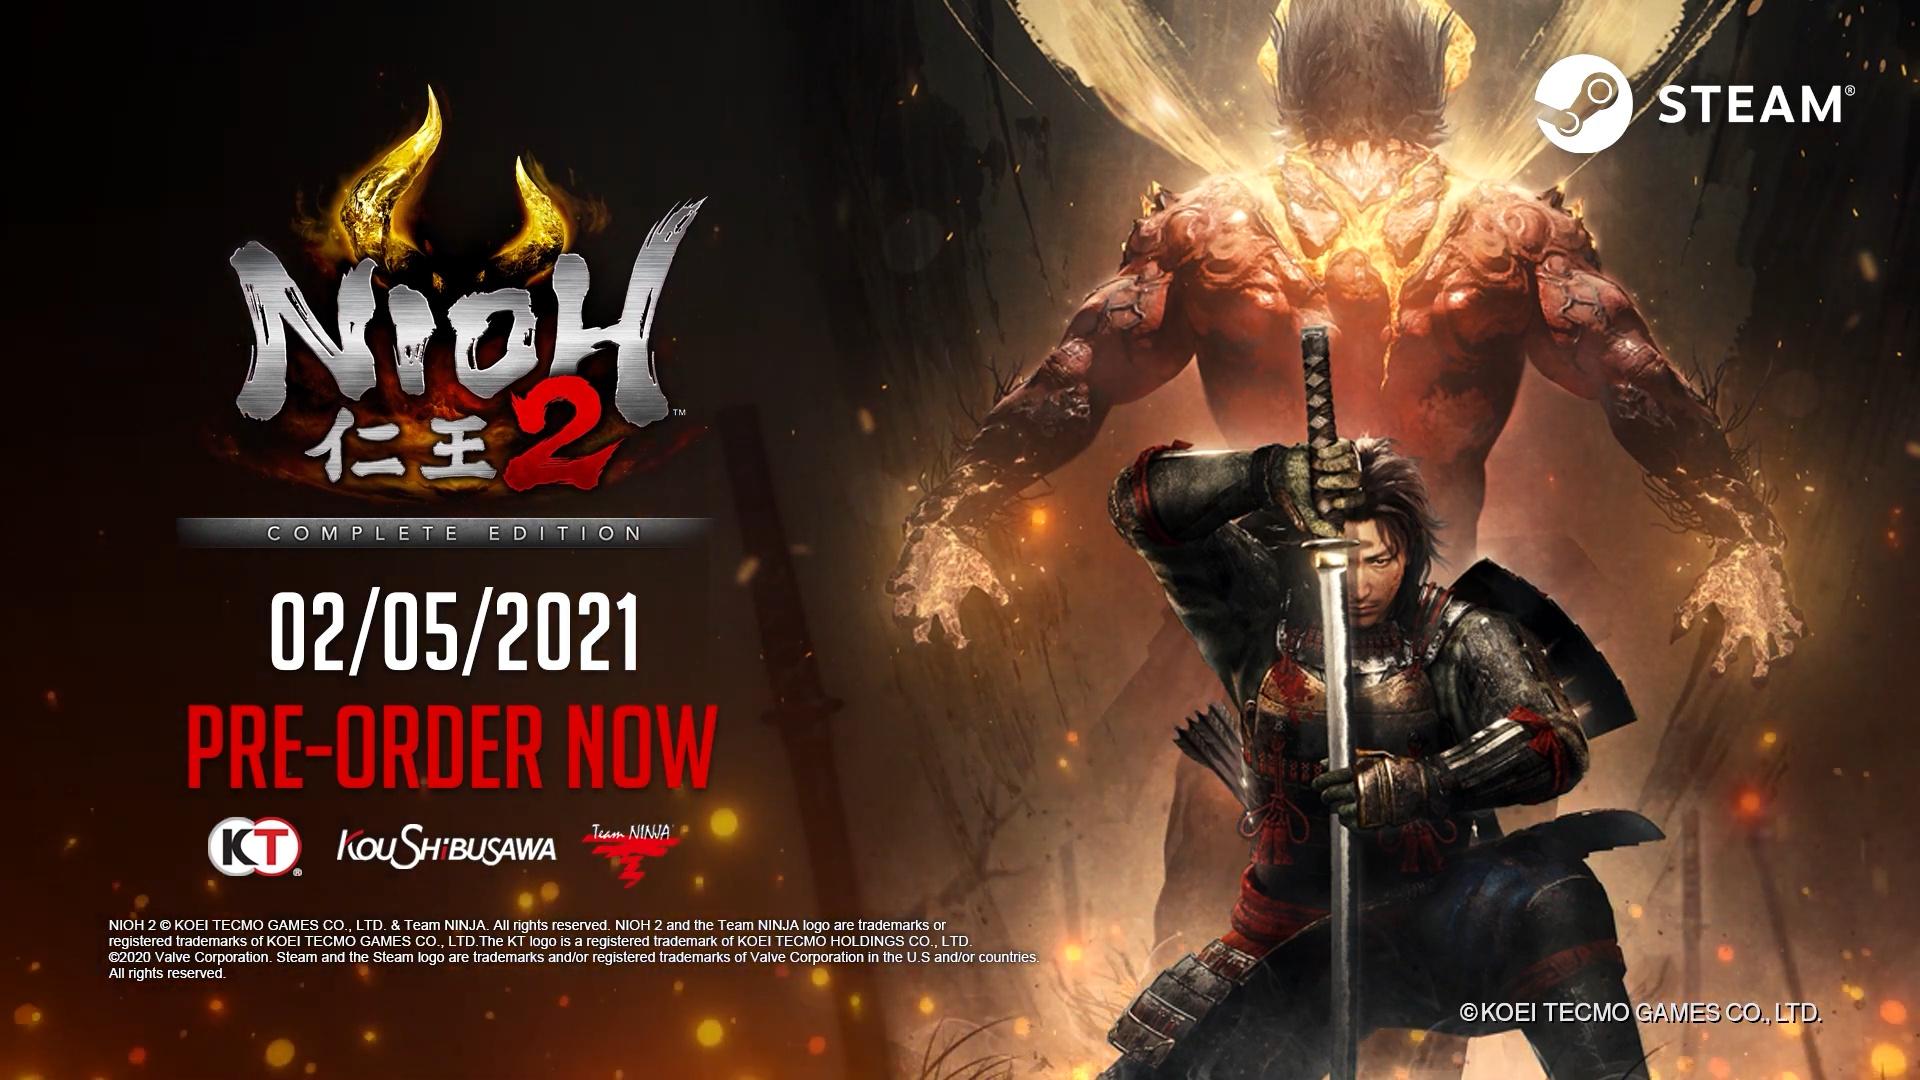 Nioh Collection annunciato per PS5; Nioh 2 - The Complete Edition in arrivo su PS4 e PC 4